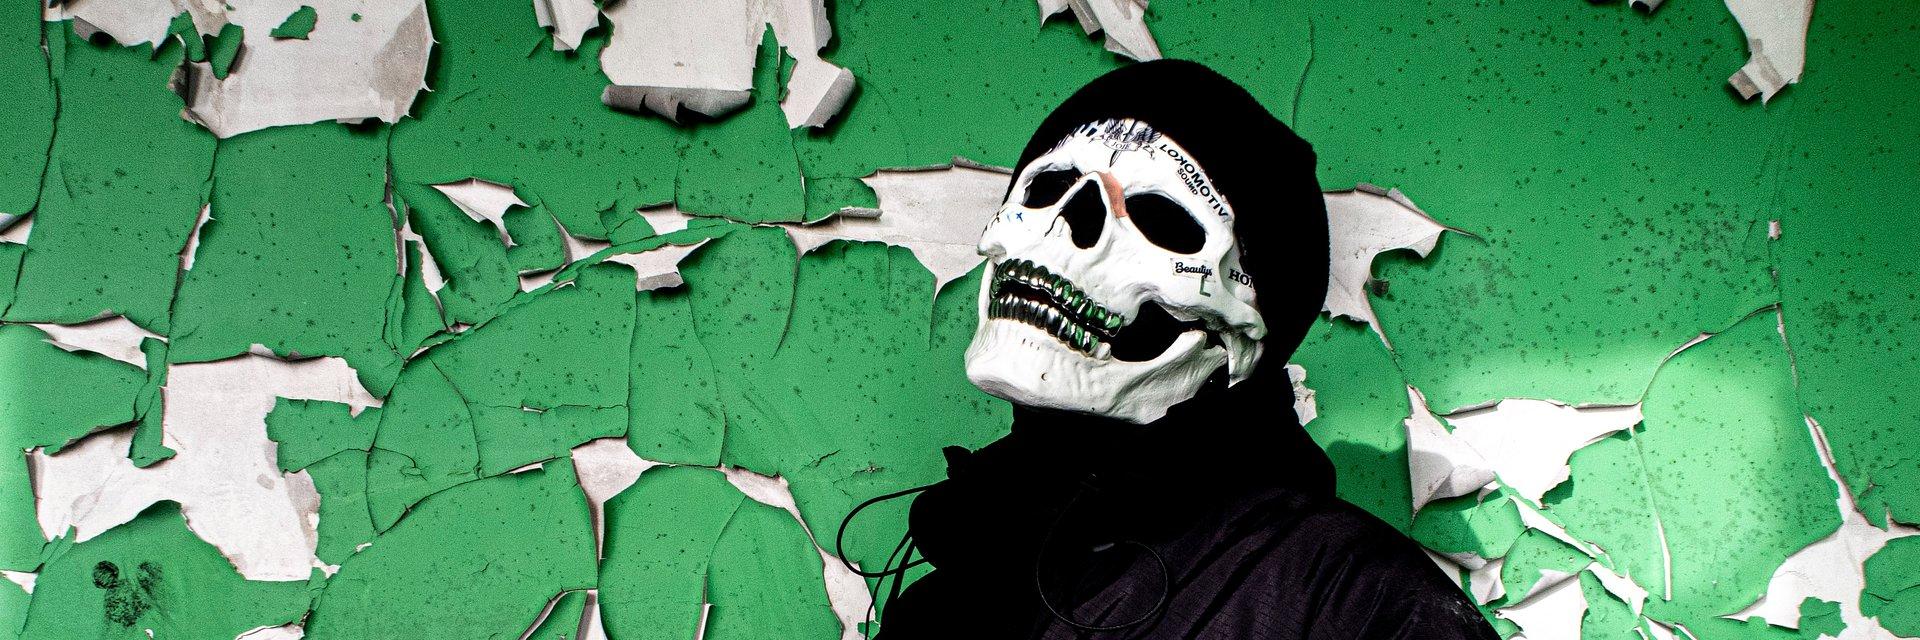 Vladimir Cauchemar wydał debiutancką EP-kę